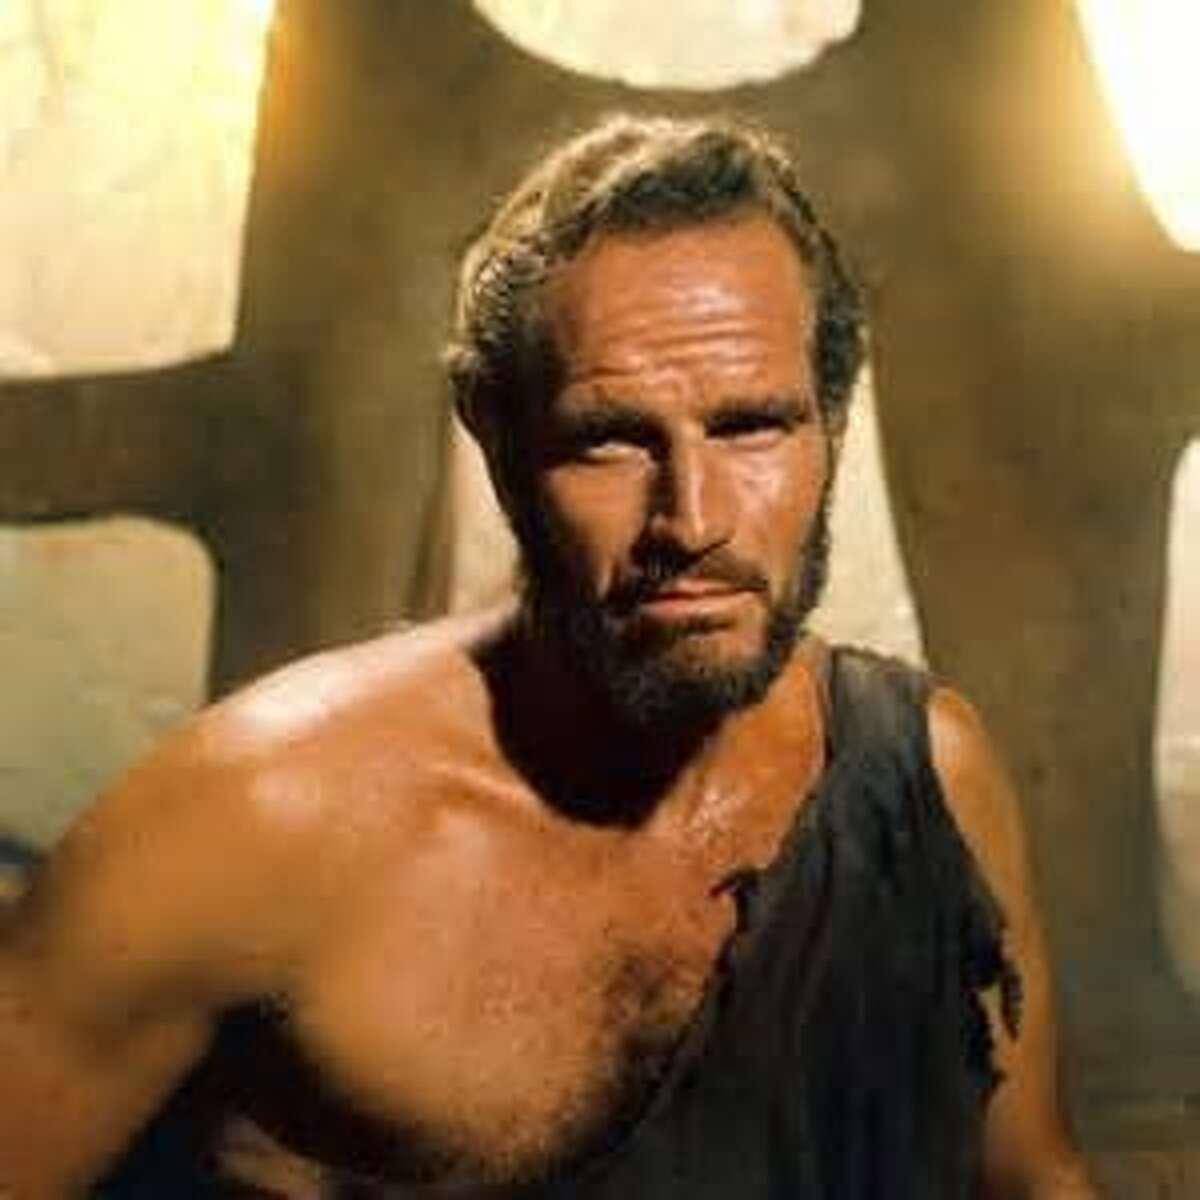 Charlton Heston in the last scene of